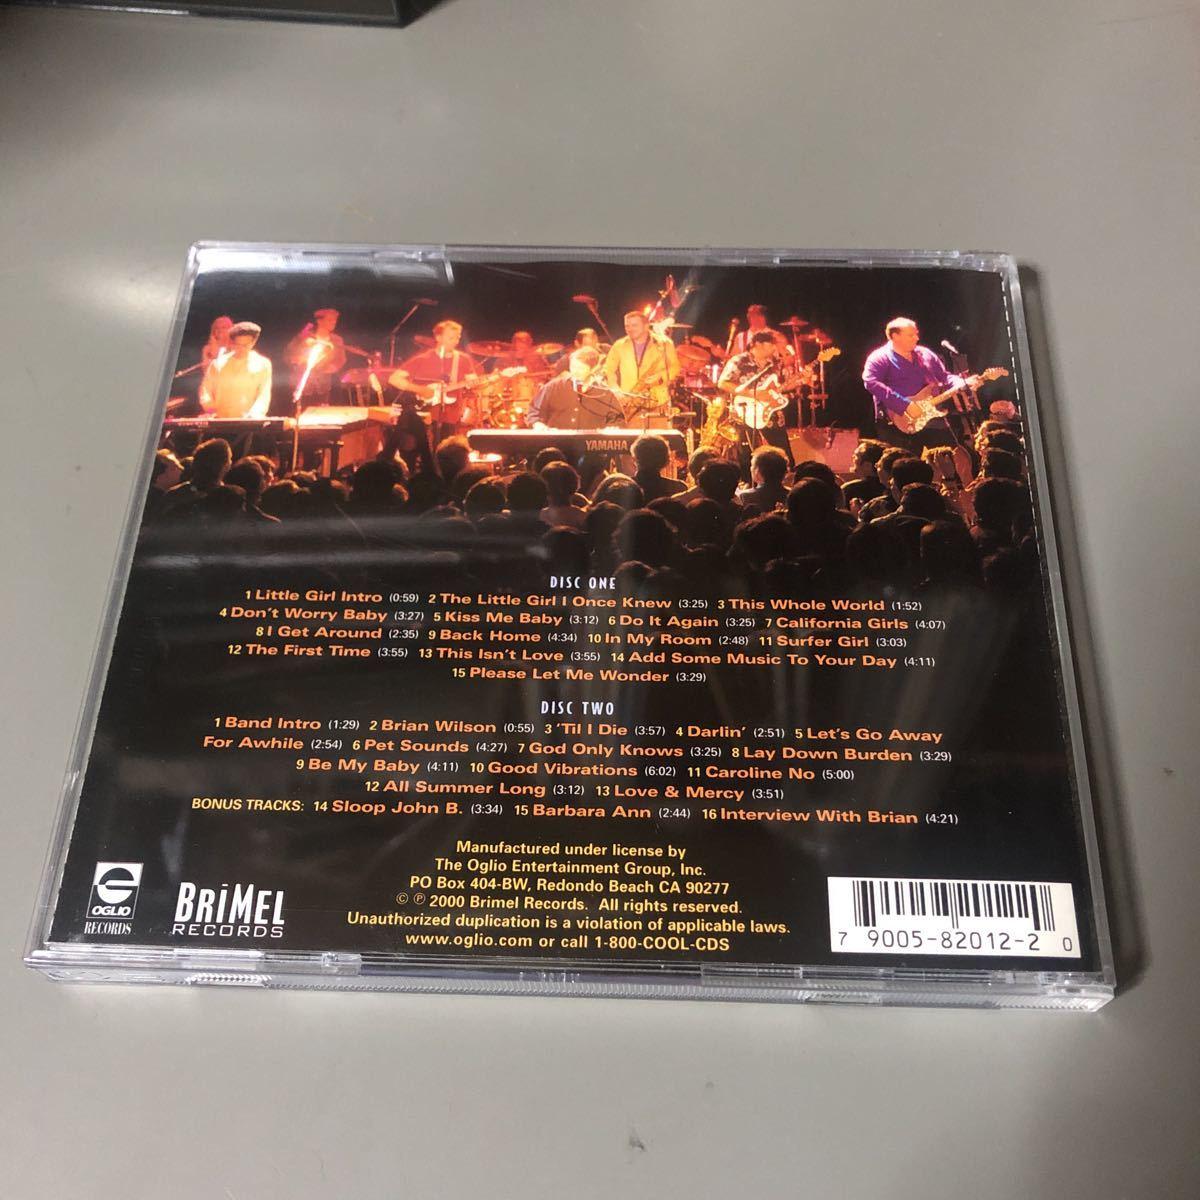 ブライアン・ウィルソン Brian Wilson Live At The Roxy Theatre USA盤2枚組CD